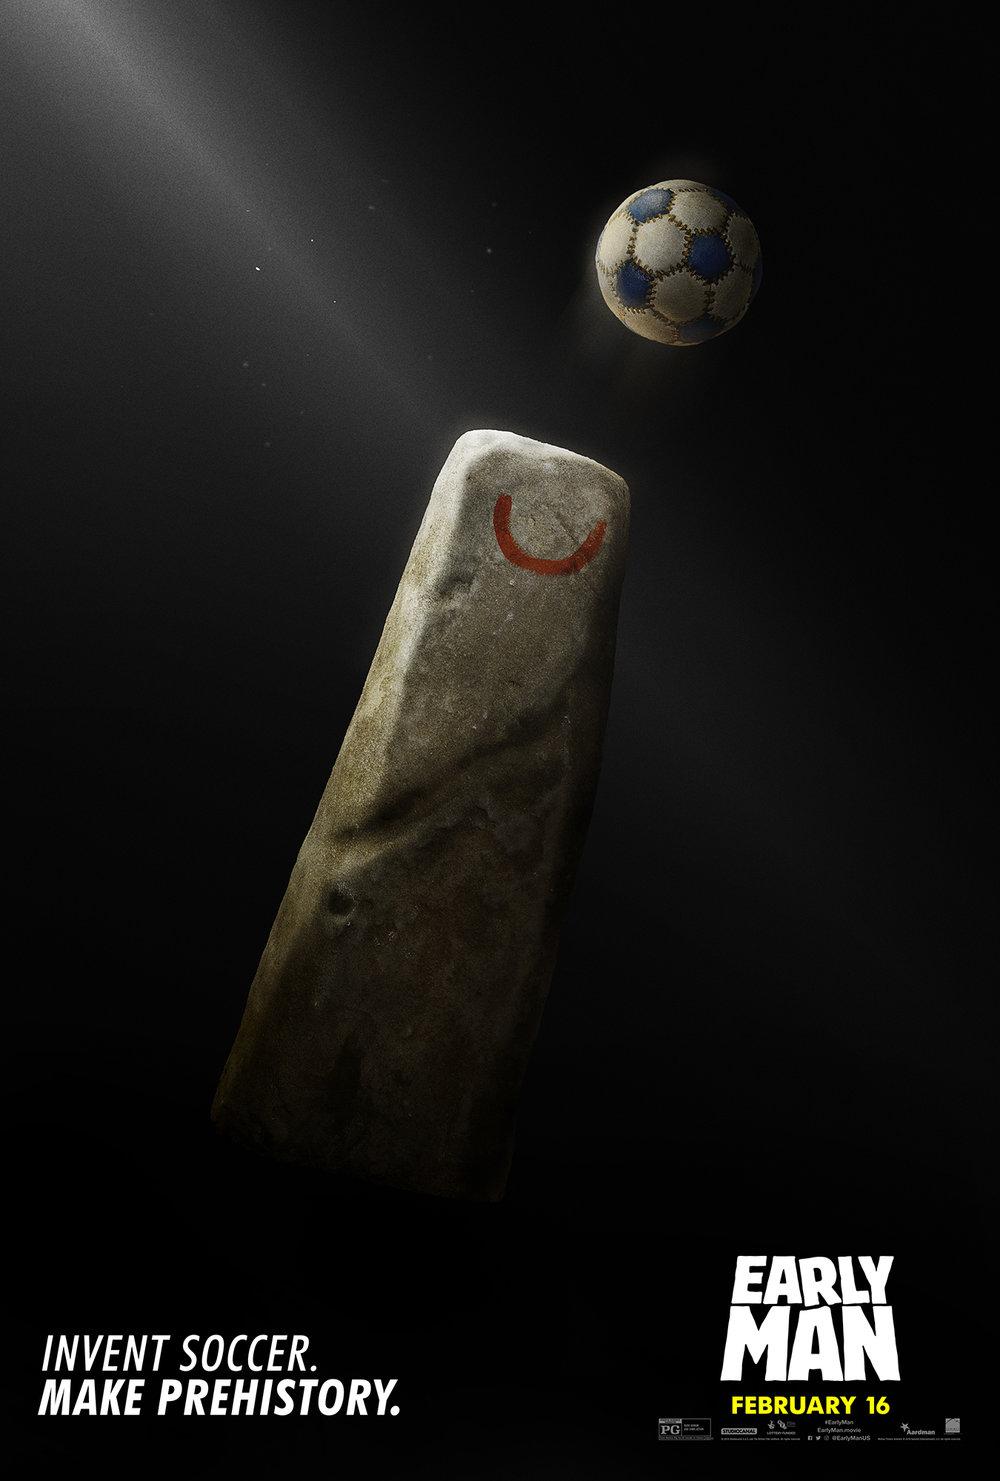 EarlyMan_Soccer_Online1Sht_MrRock_100dpi.jpg